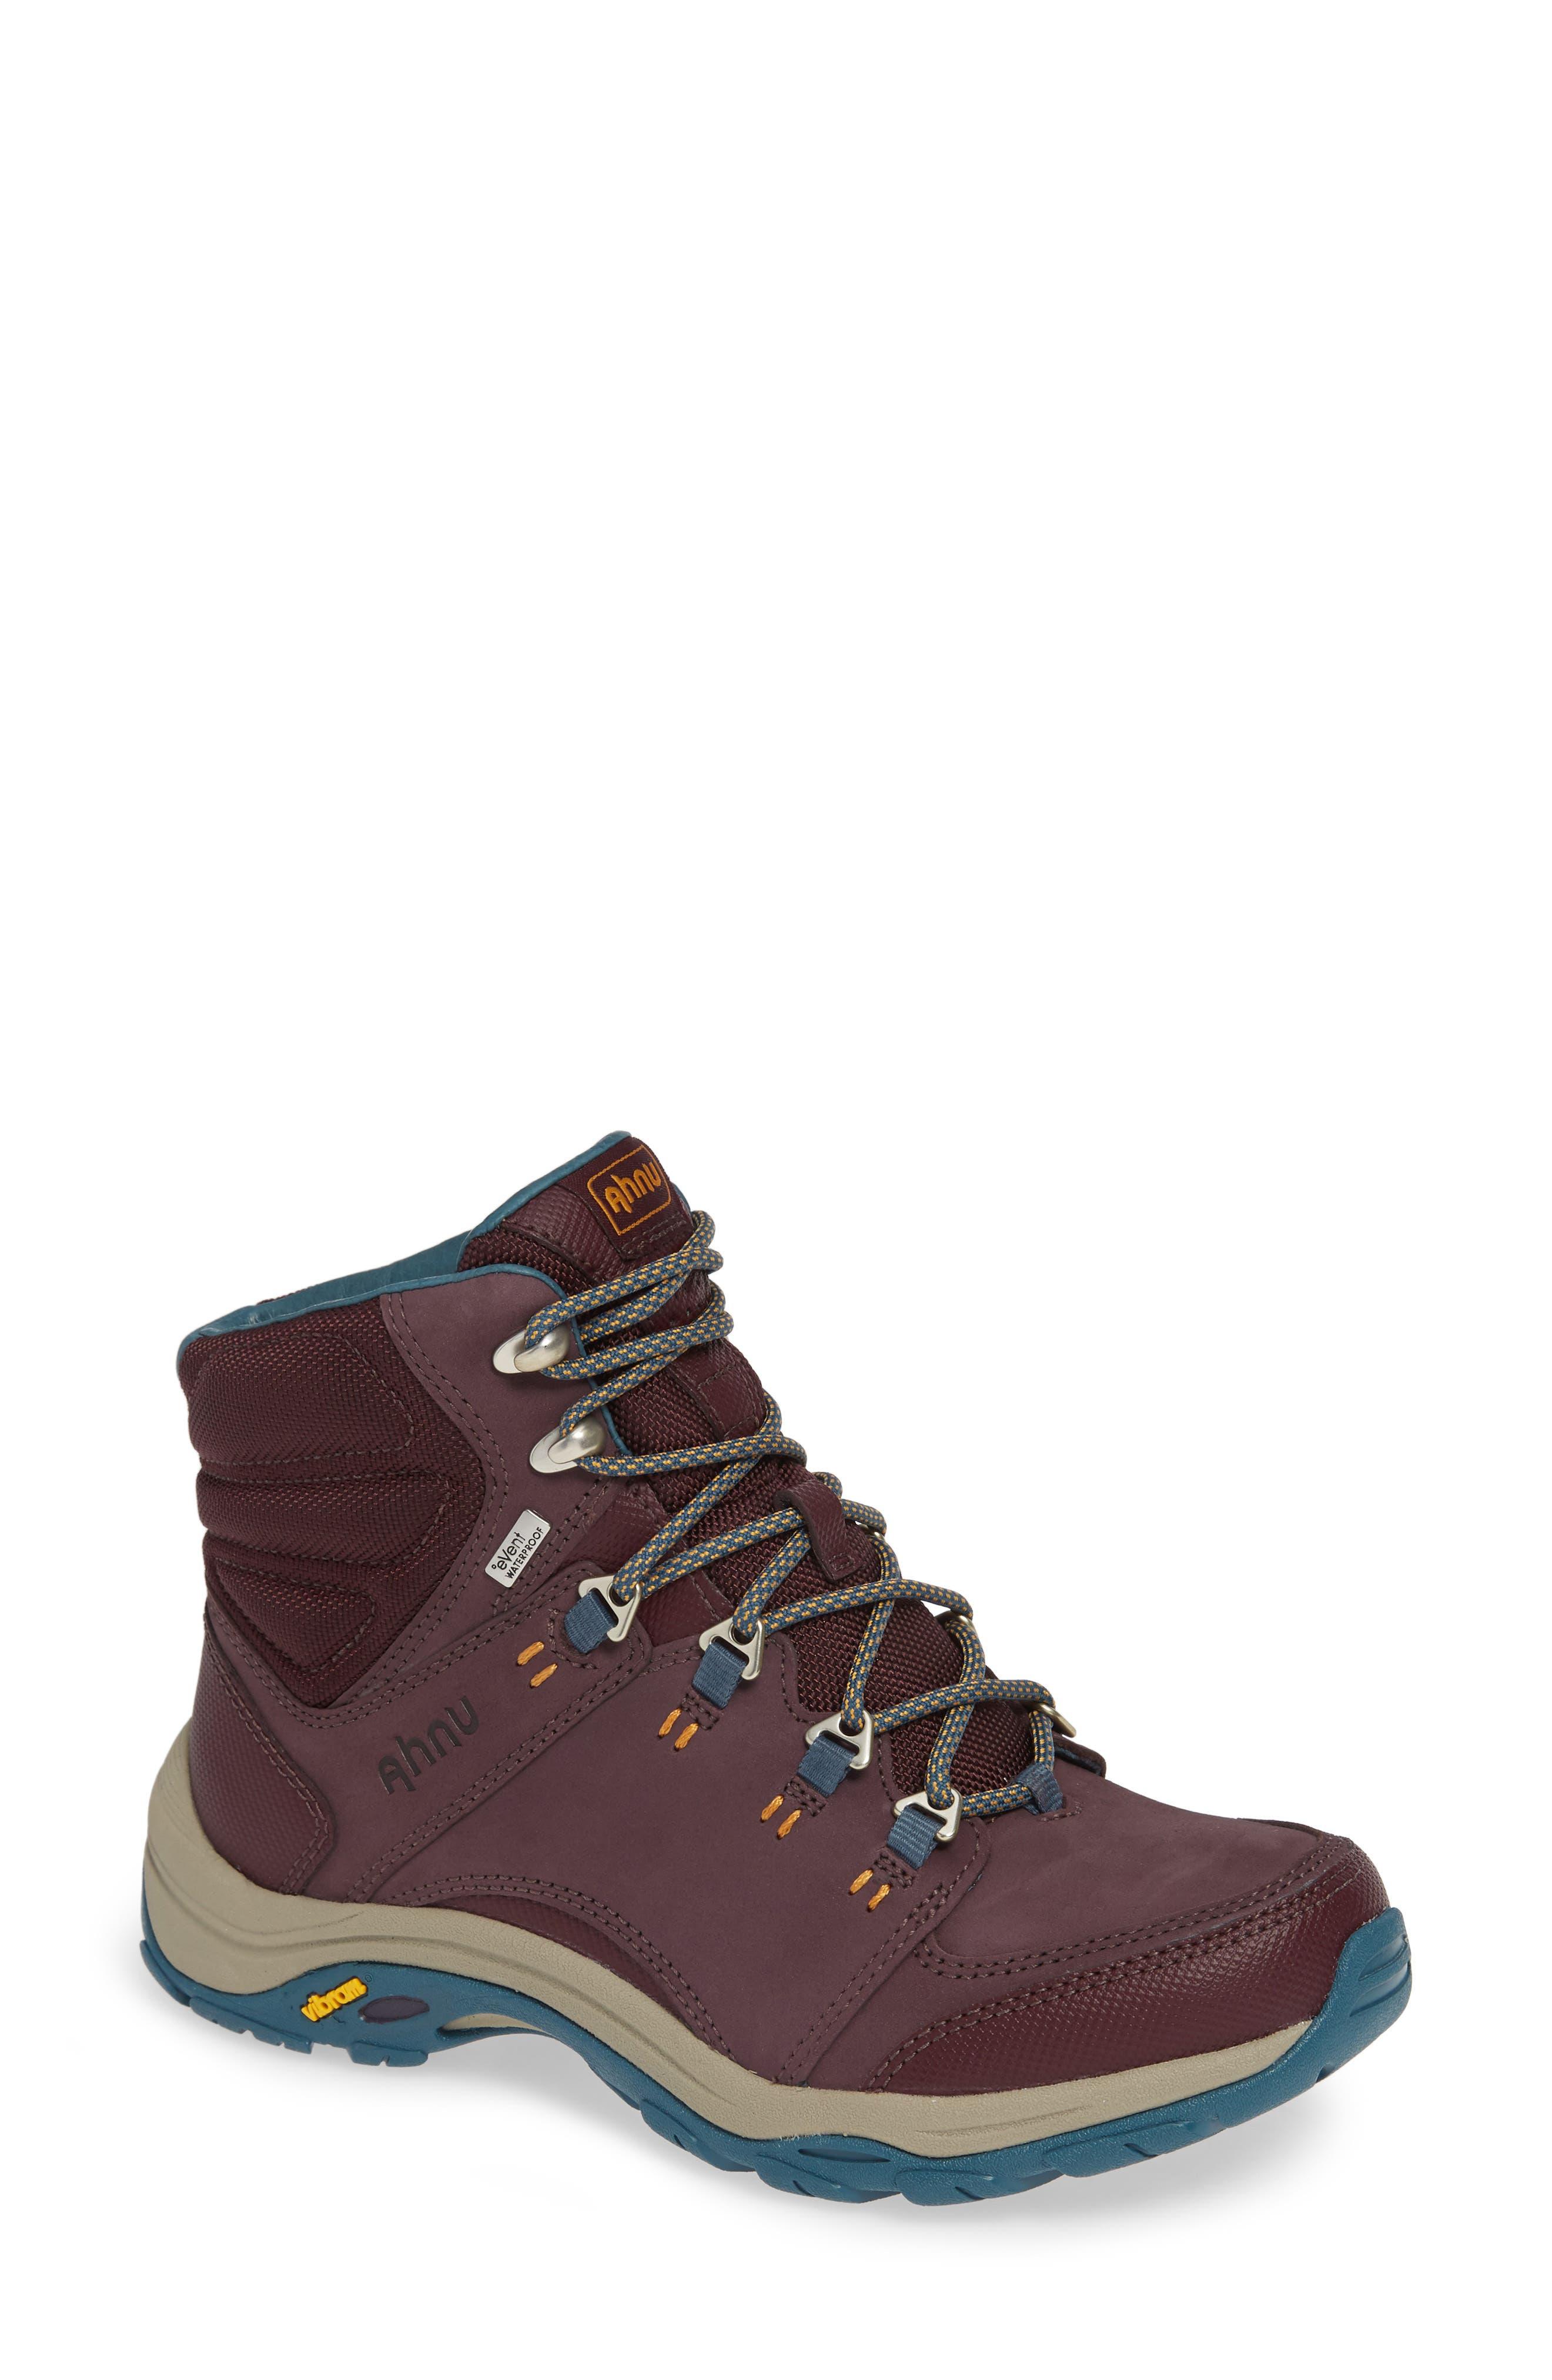 Ahnu By Teva Montara Iii Waterproof Hiking Boot, Purple